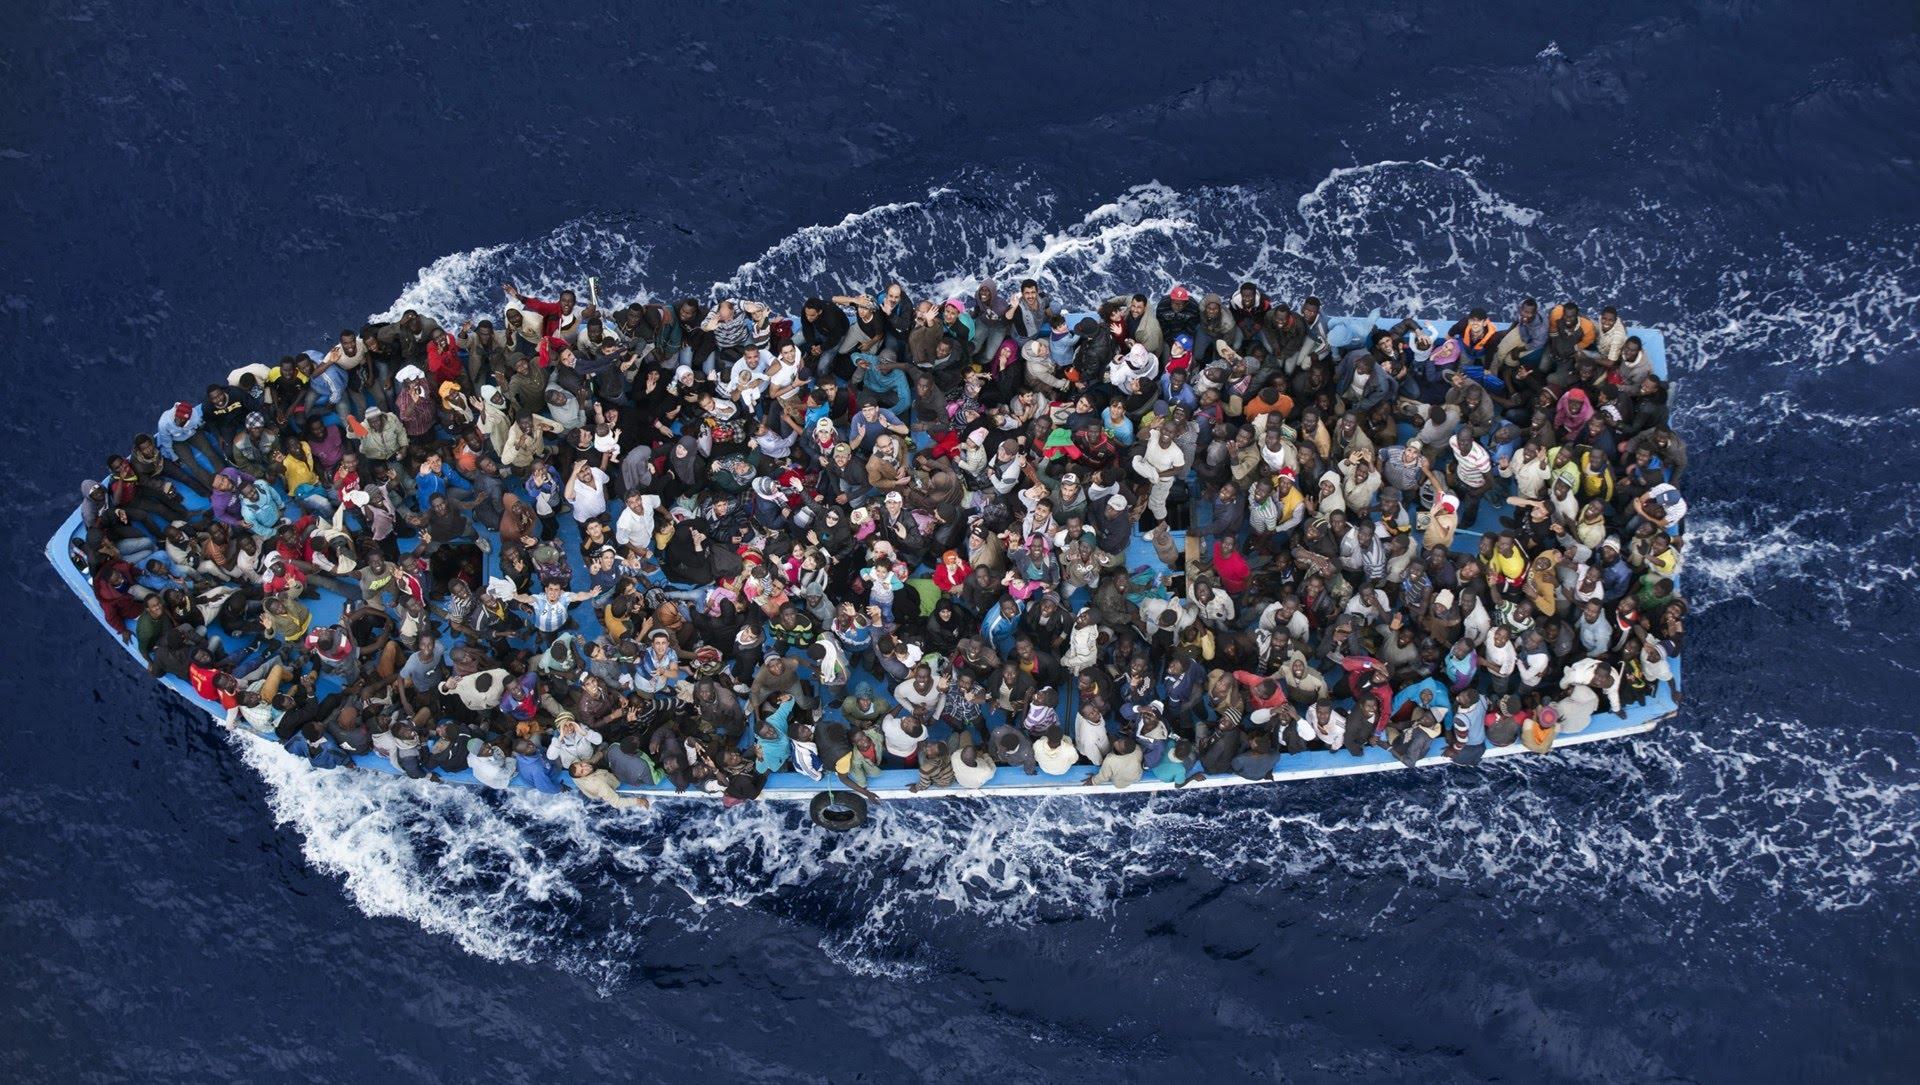 european union imposes limitation on refugee boats